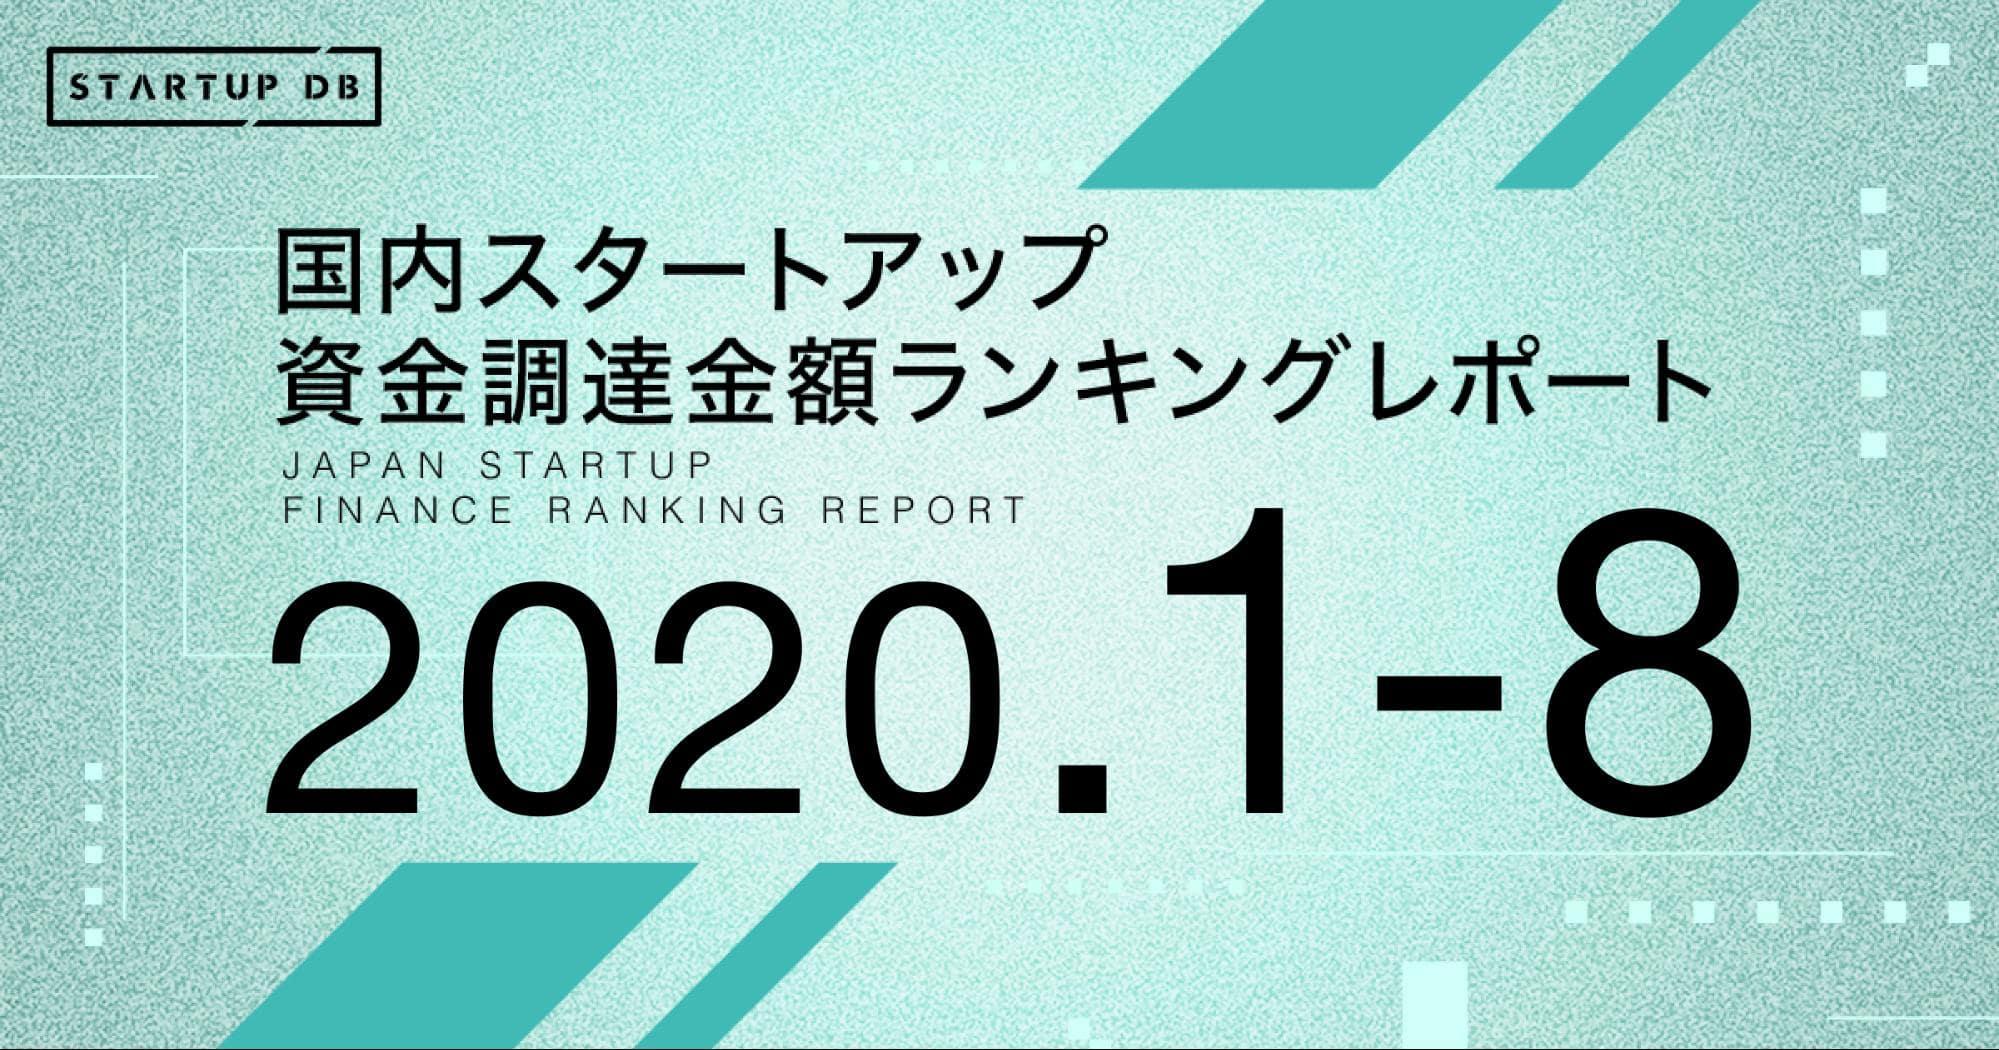 【STARTUP DB】調査結果 国内スタートアップ資金調達金額ランキング